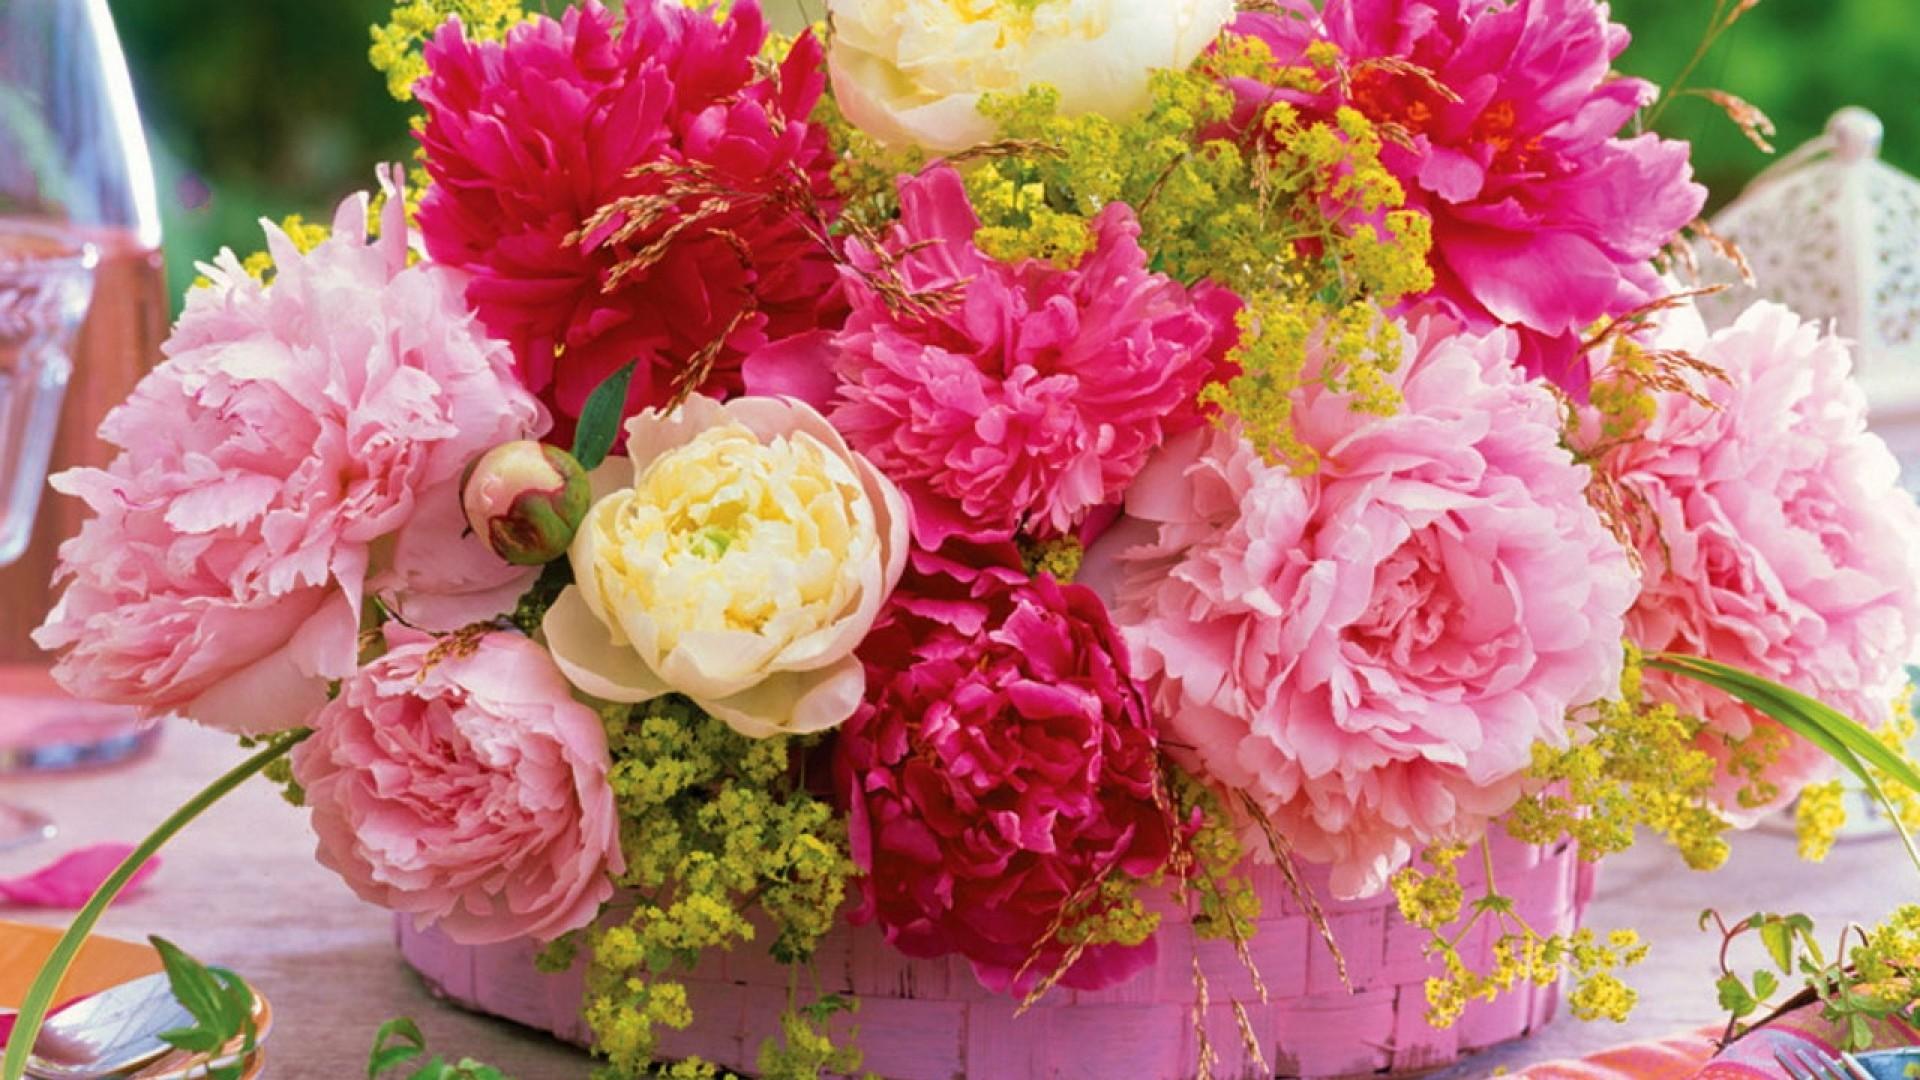 Wallpaper peonies, flower, basket, table, serving